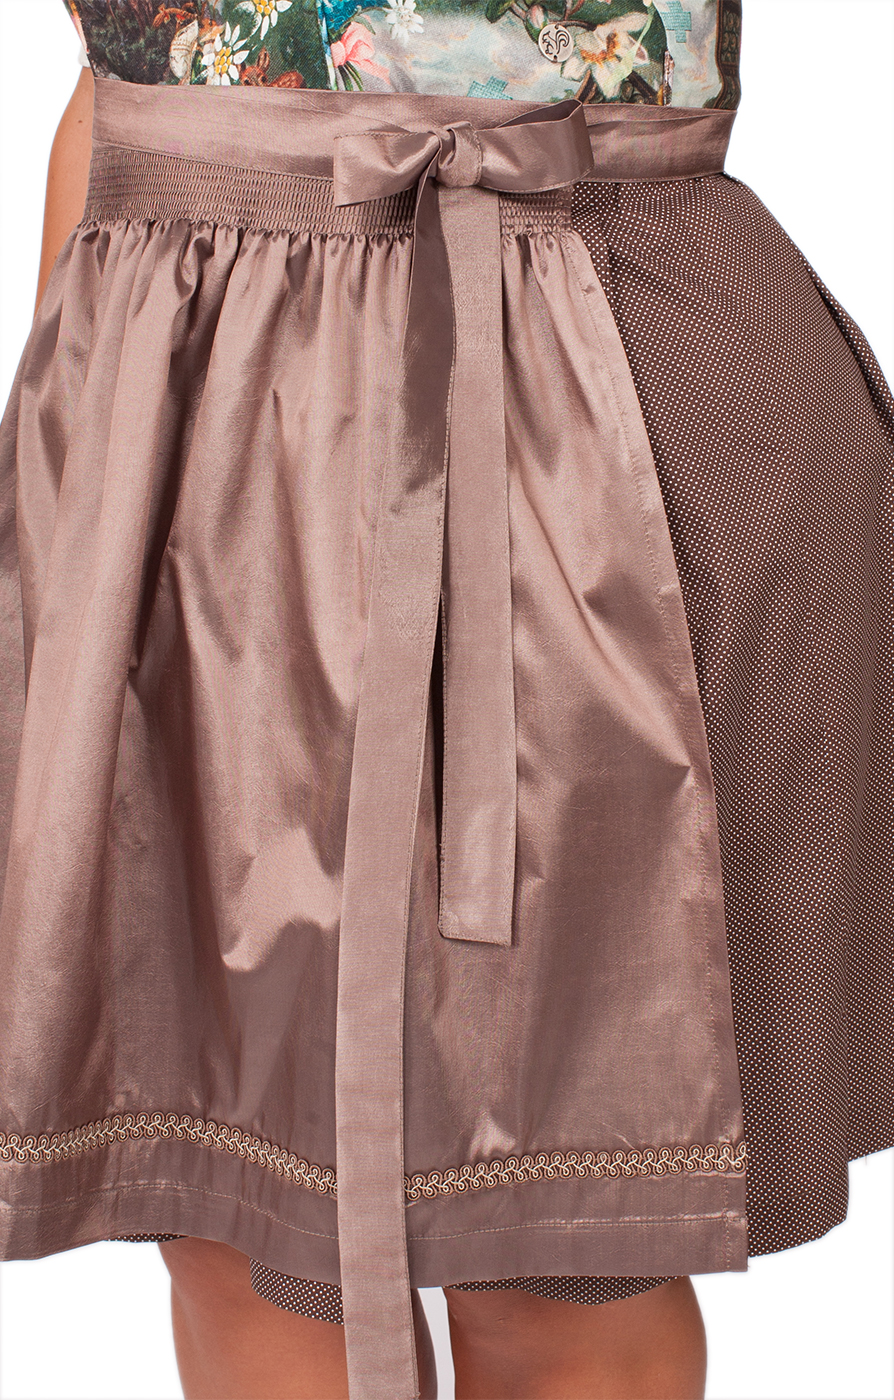 weitere Bilder von Mididirndl 2tlg. Clarice xxl colorful brown 58cm